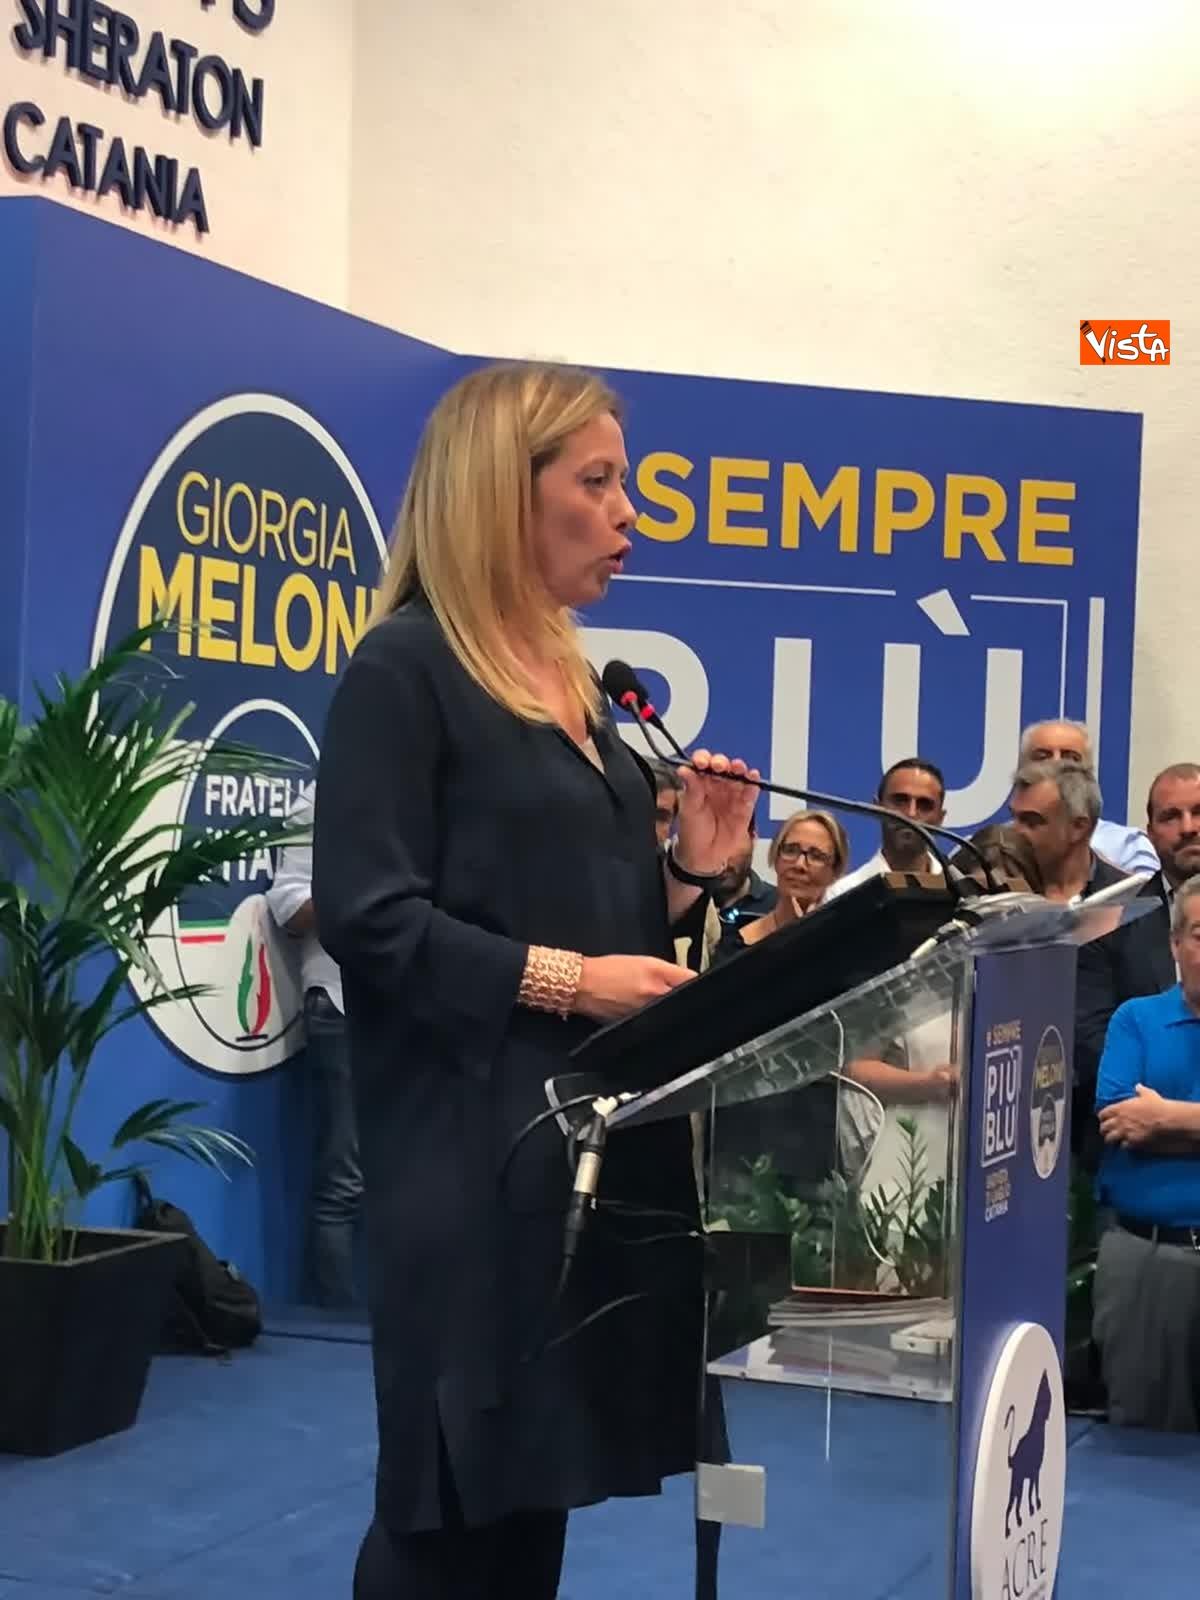 11-07-19 E sempre piu blu, Meloni ufficializza entrata a FdI del sindaco di Catania_08